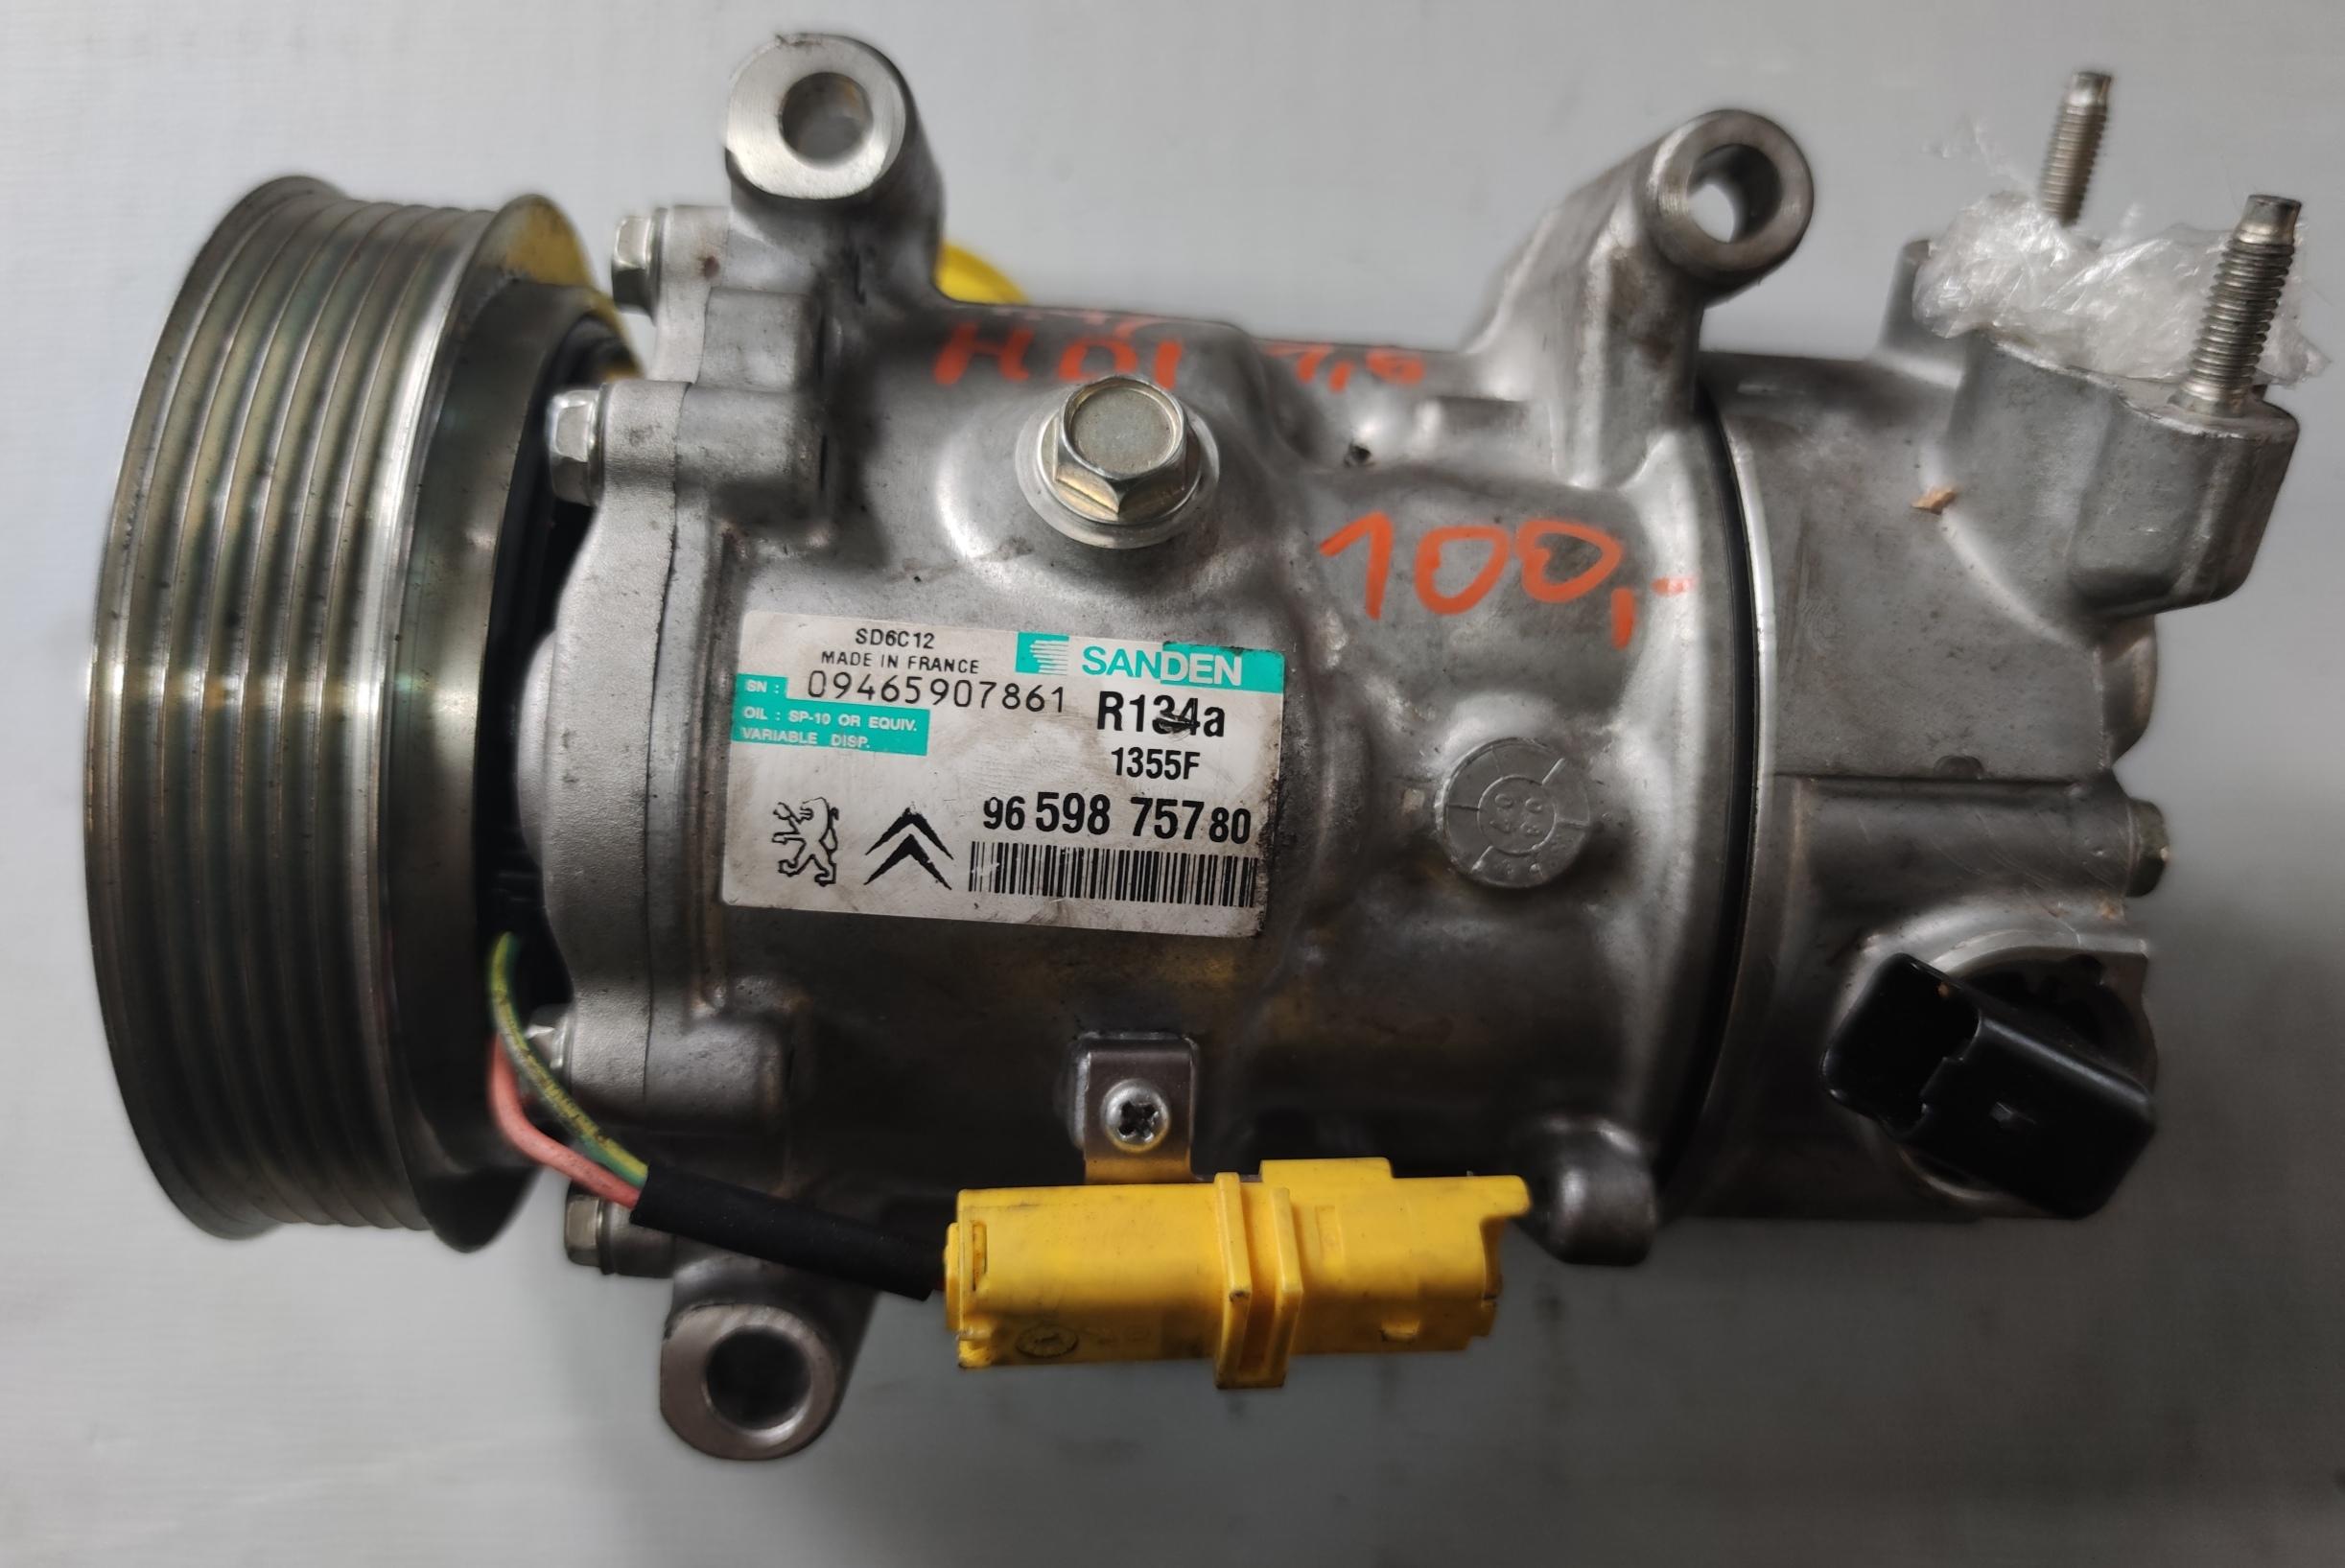 Sprężarka klimatyzacji Peugeot 1.6 HDI 9659875780